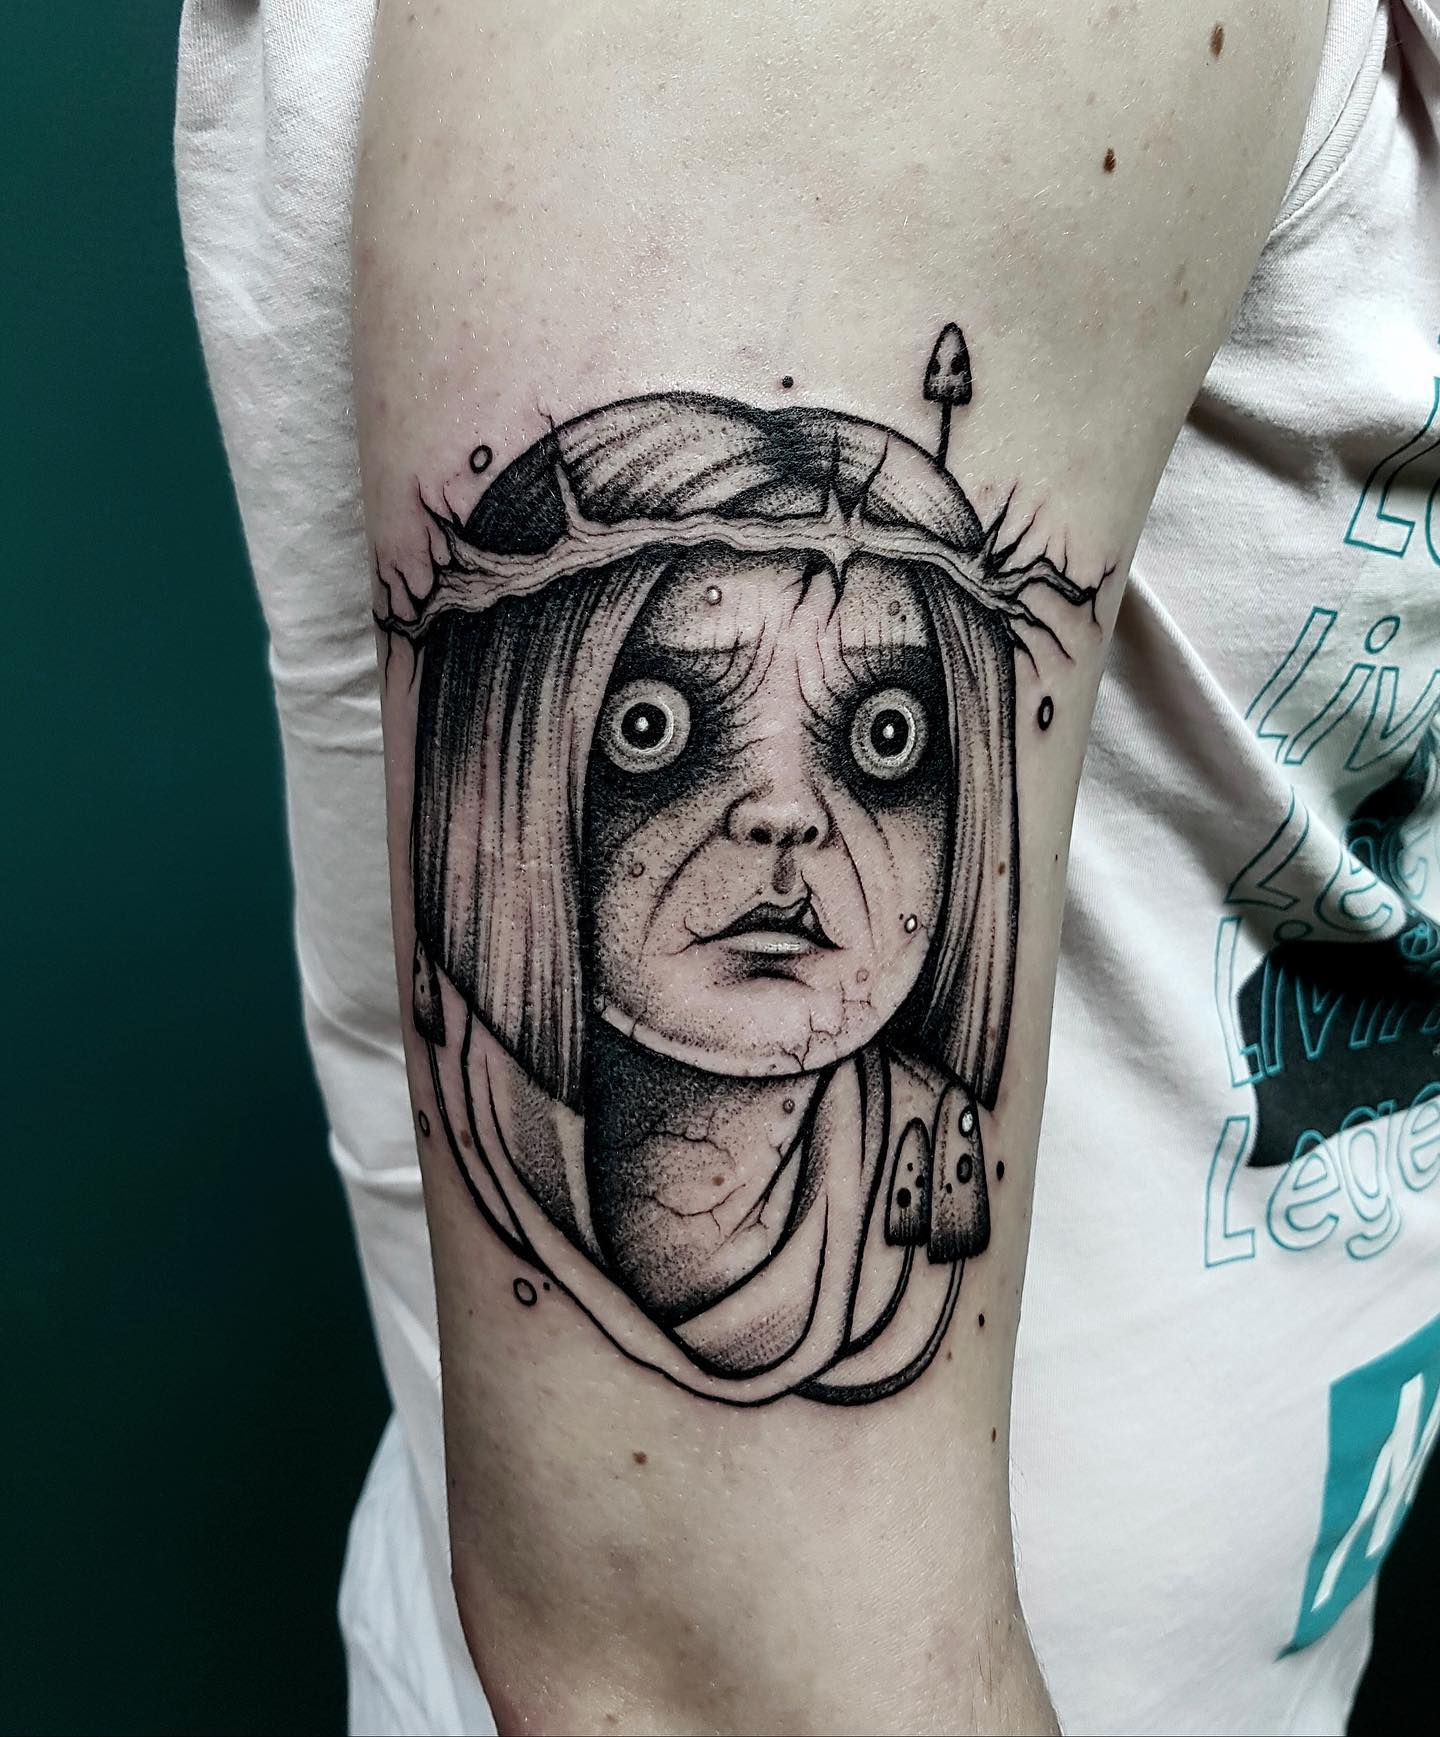 Inksearch tattoo Siemka Tattoo